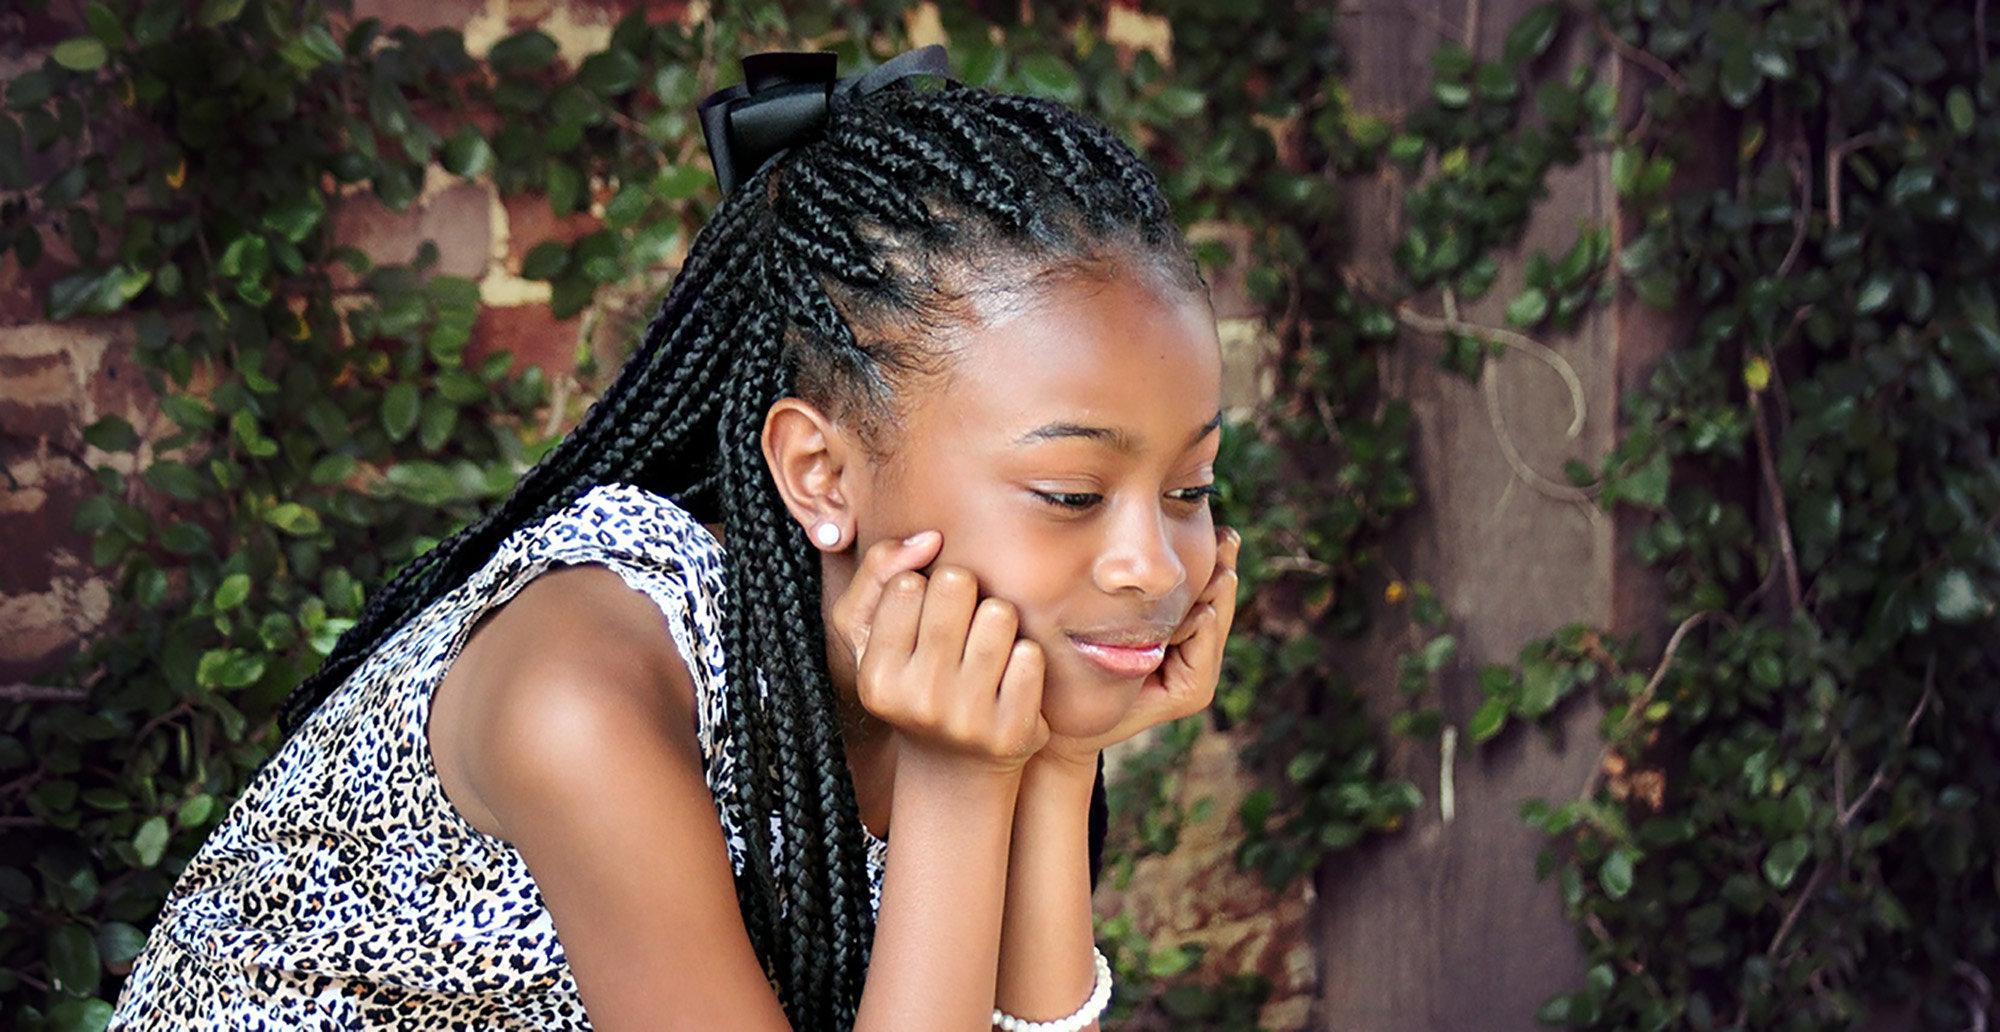 Tjej med IBS-mage som sitter hukad på en bänk och ler. Internet-KBT kan hjälpa ungdomar att må bättre.